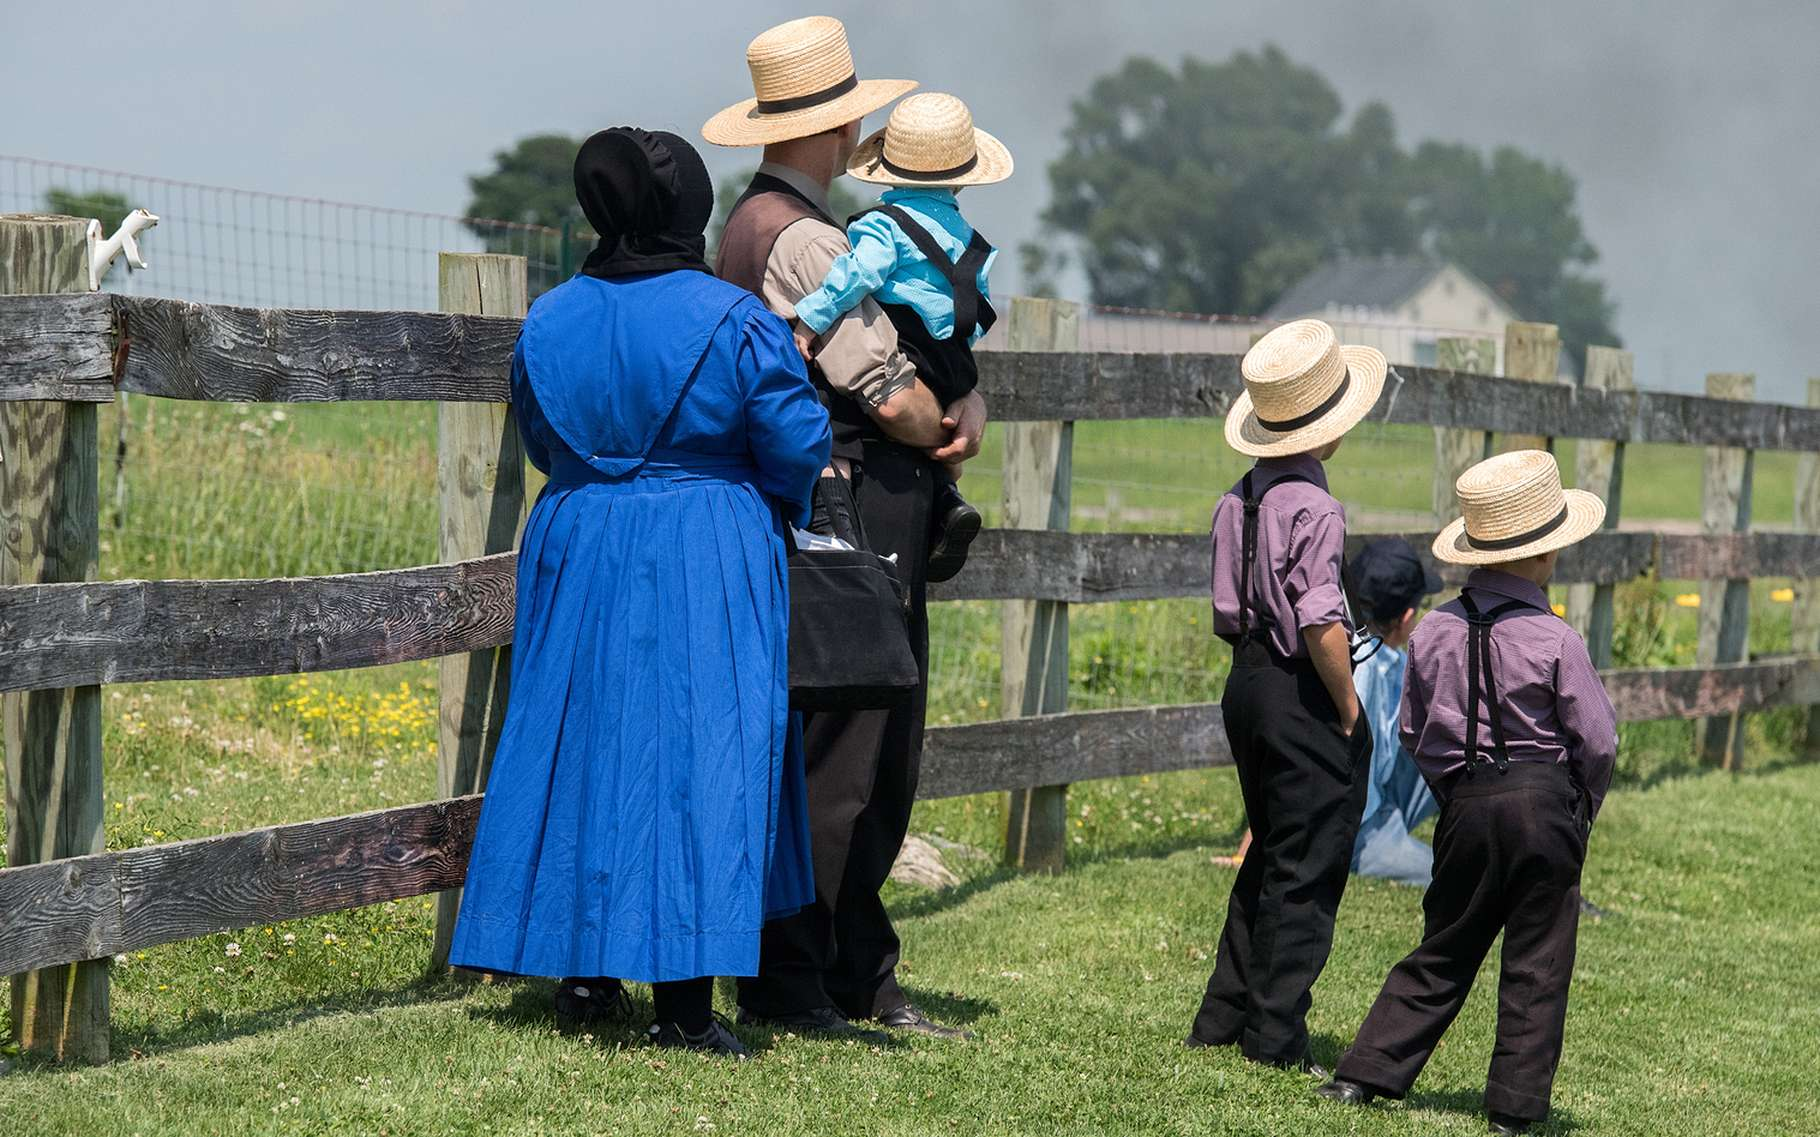 Seuls 5 % des enfants Amish en âge d'être scolarisés ont de l'asthme, soit la moitié de la moyenne nationale américaine. Les enfants Huttérites, eux, connaissent un taux d'asthmatiques inhabituellement élevé, à 21,3 %. La principale raison ? Les poussières dans leurs maisons. © Andrea Izzotti, shutterstock.com